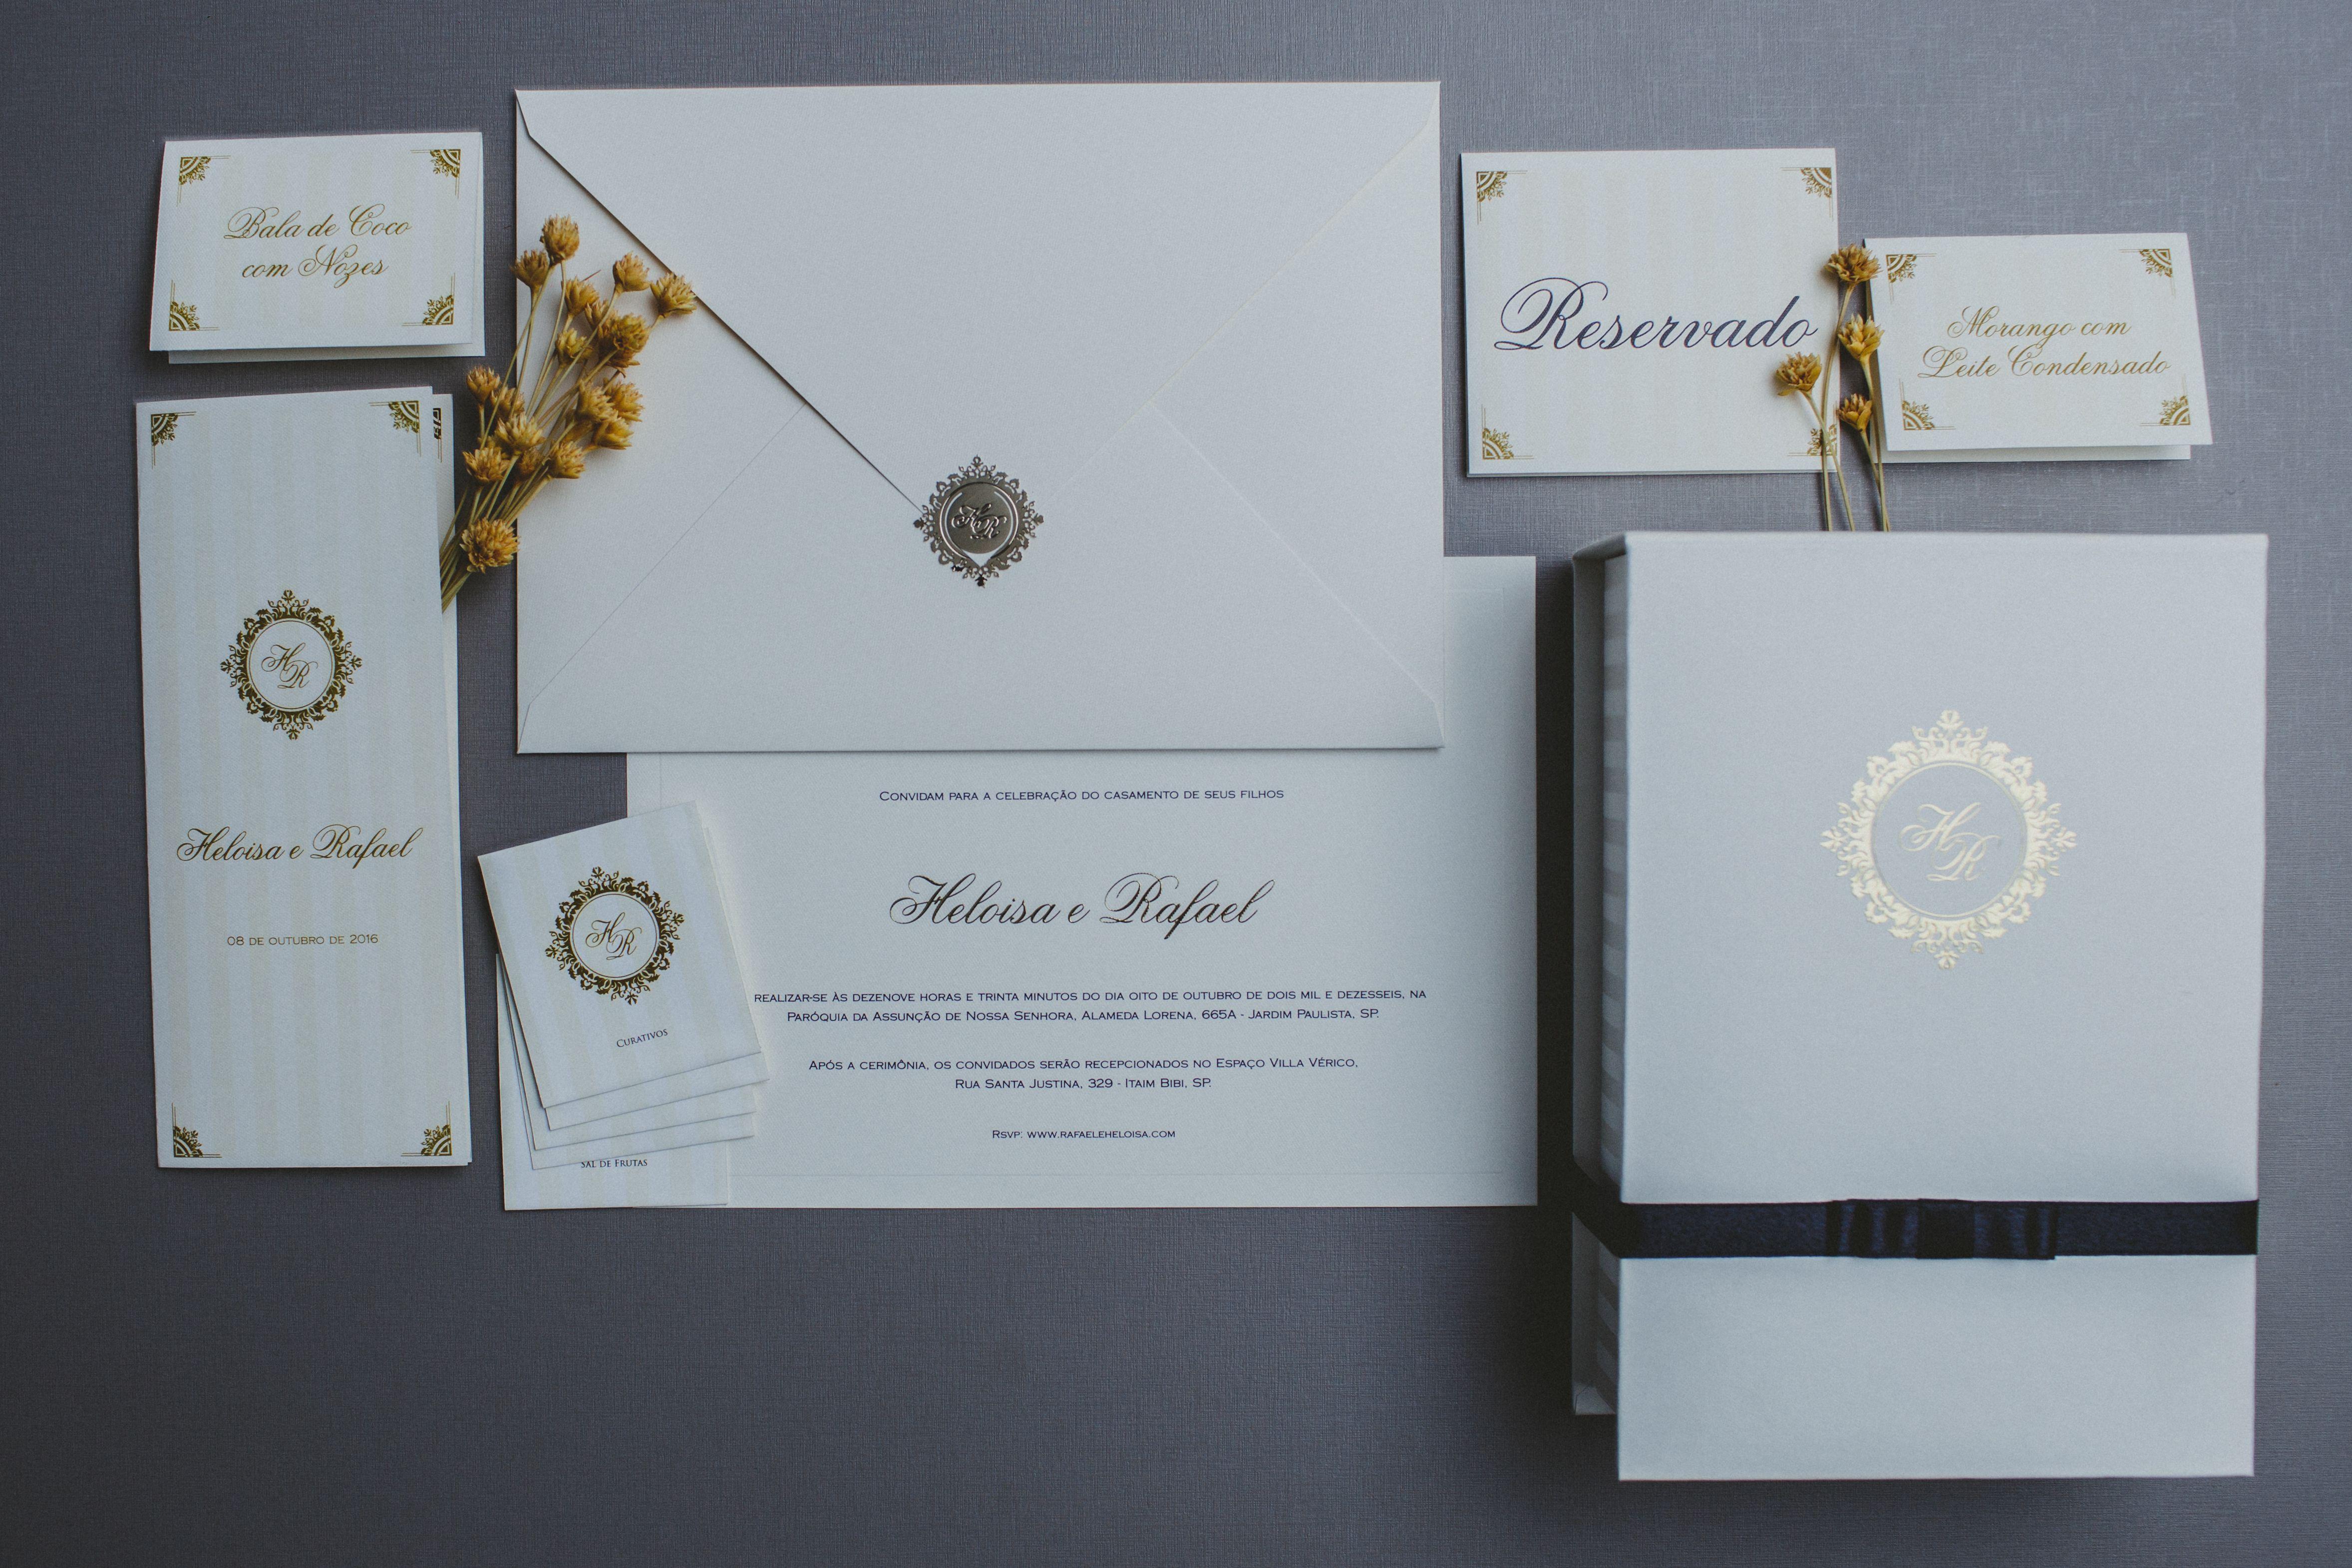 Convite de casamento romântico, muito amor e carinho em cada produção.